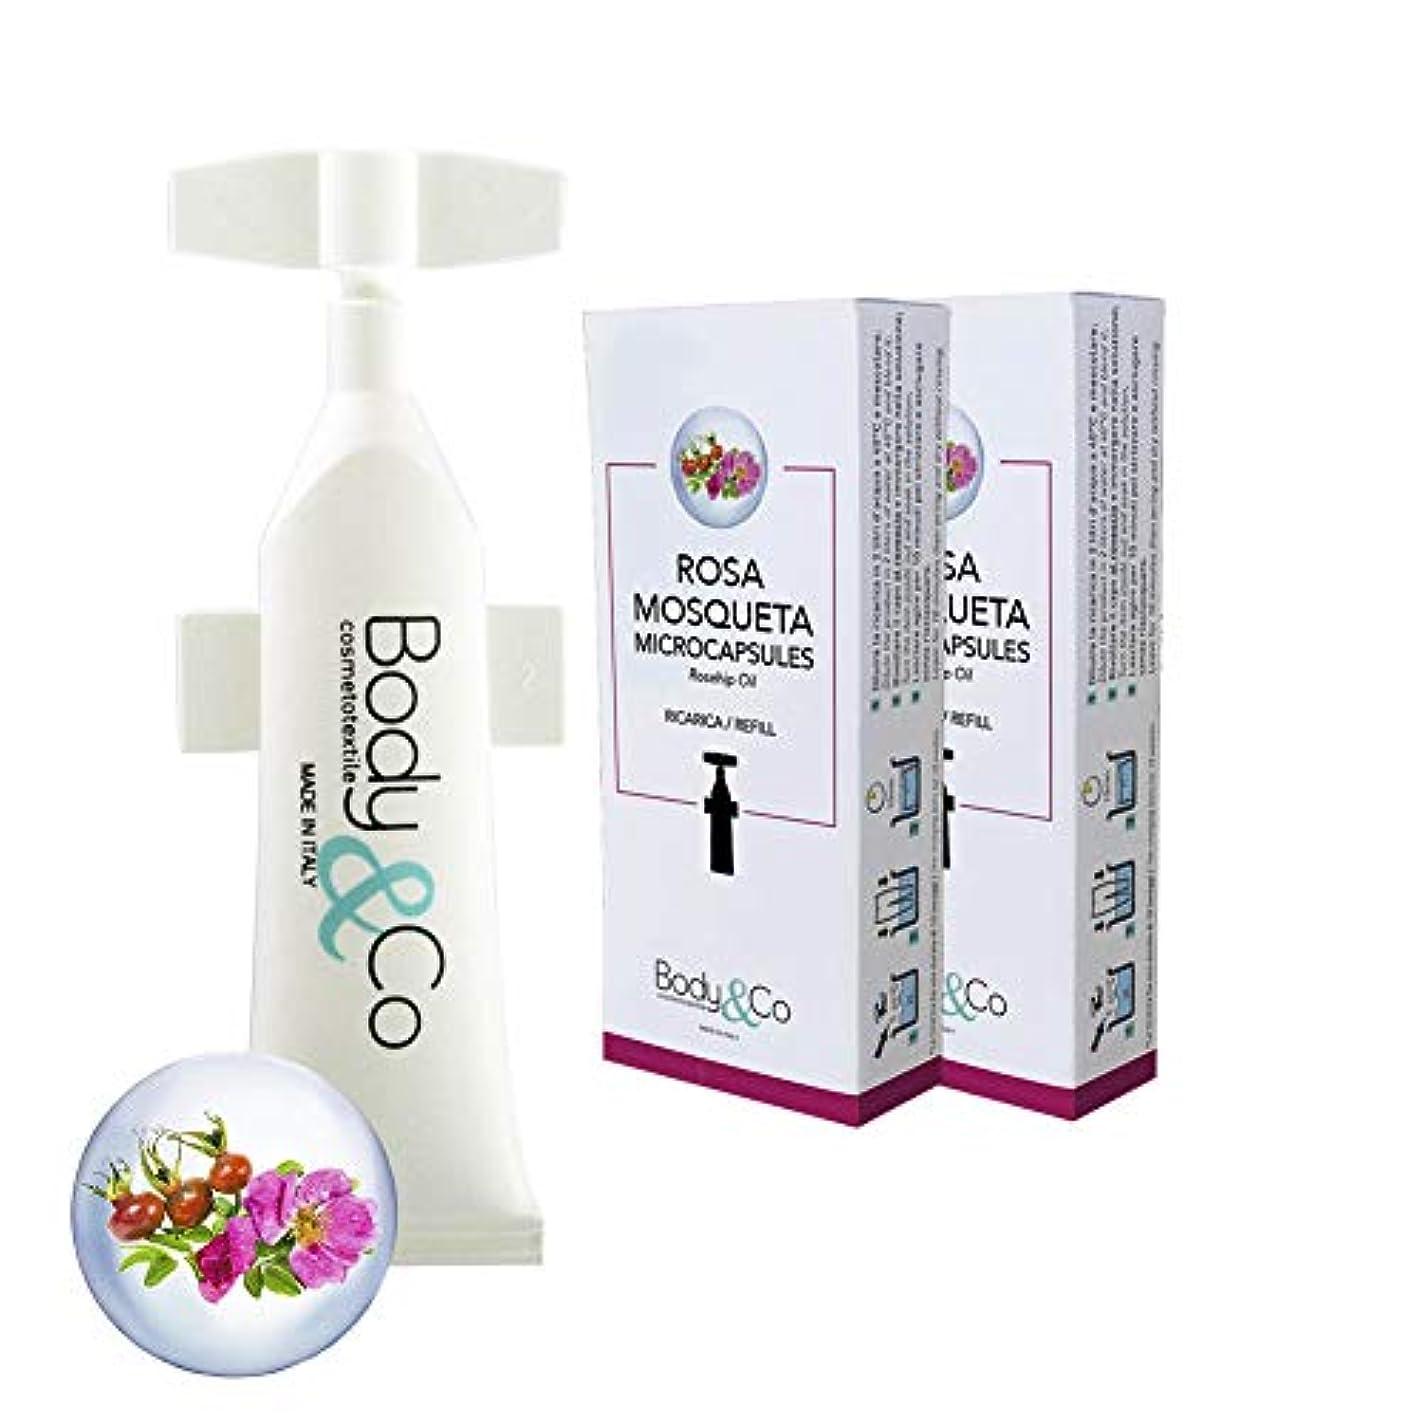 石のあいさつエージェントBody&Co Cosmetic Refill 10 ml Rosa Mosqueta Oil (OLIO DI ROSA MOSQUETA 10 ML, 2 REFILLS 10 ML)